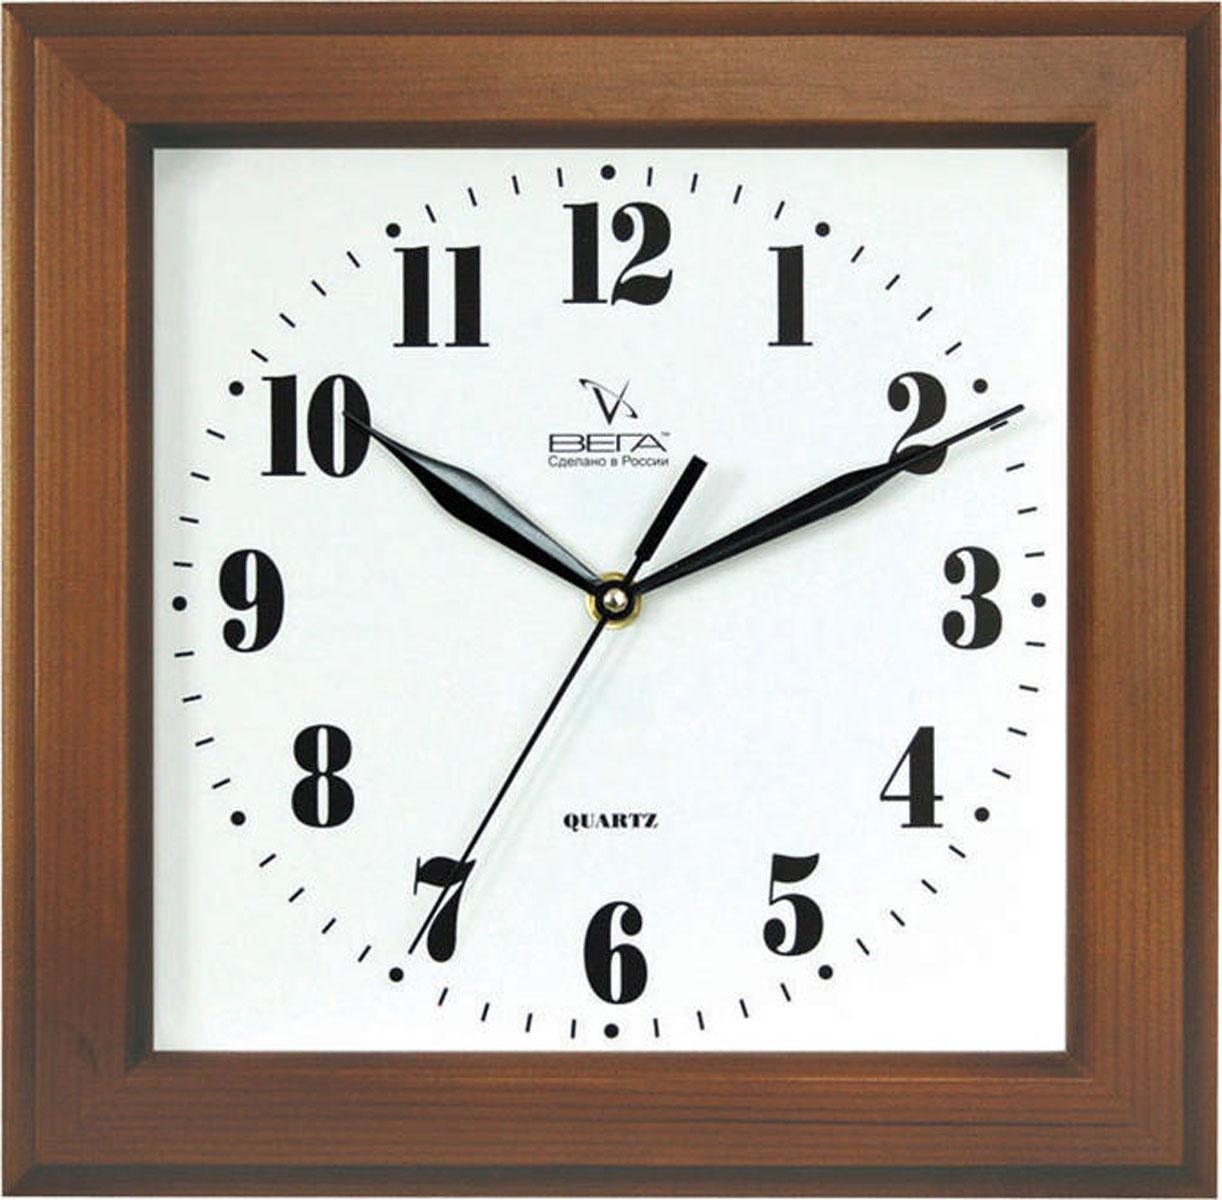 Часы настенные Вега Классика. Д4Д/7-26Д4Д/7-26Оригинальные настенные часы квадратной формы Вега Классика выполнены из дерева и пластика. Часы имеют три стрелки - часовую, минутную и секундную. Необычное дизайнерское решение и качество исполнения придутся по вкусу каждому. Оформите свой дом таким интерьерным аксессуаром или преподнесите его в качестве презента друзьям, и они оценят ваш оригинальный вкус и неординарность подарка.Часы работают от 1 батарейки типа АА напряжением 1,5 В (в комплект не входит).